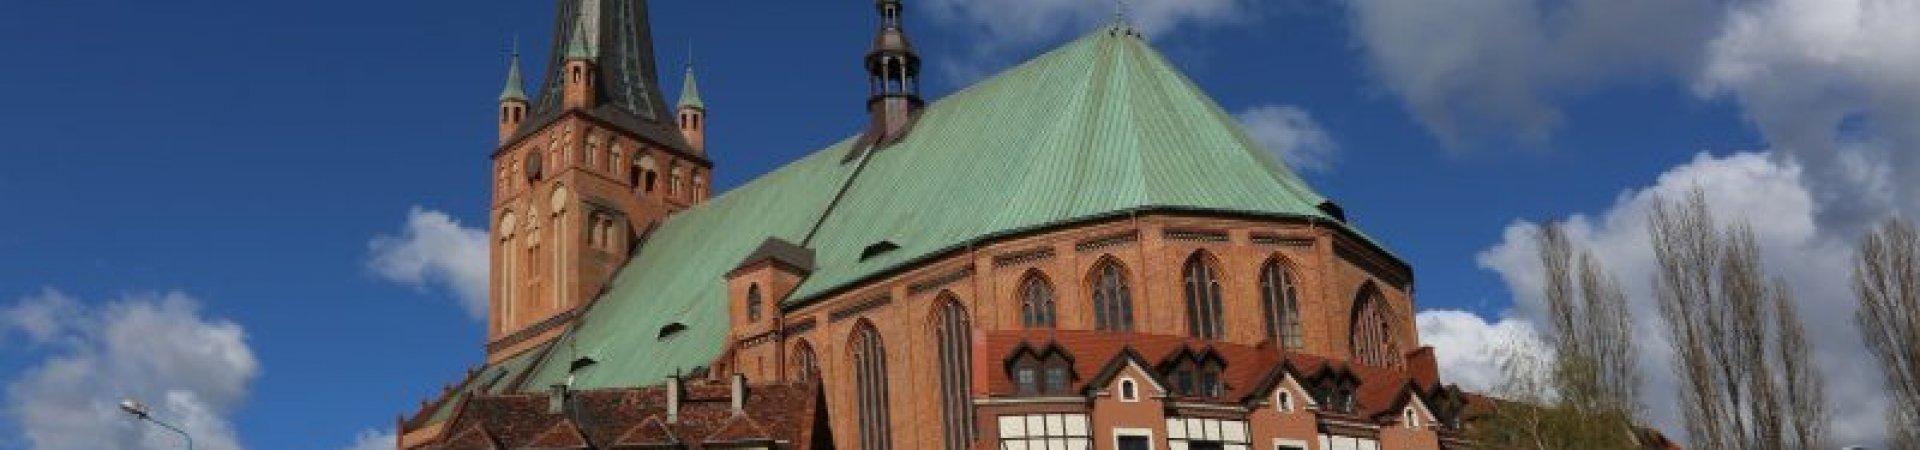 Punkt widokowy – wieża katedry